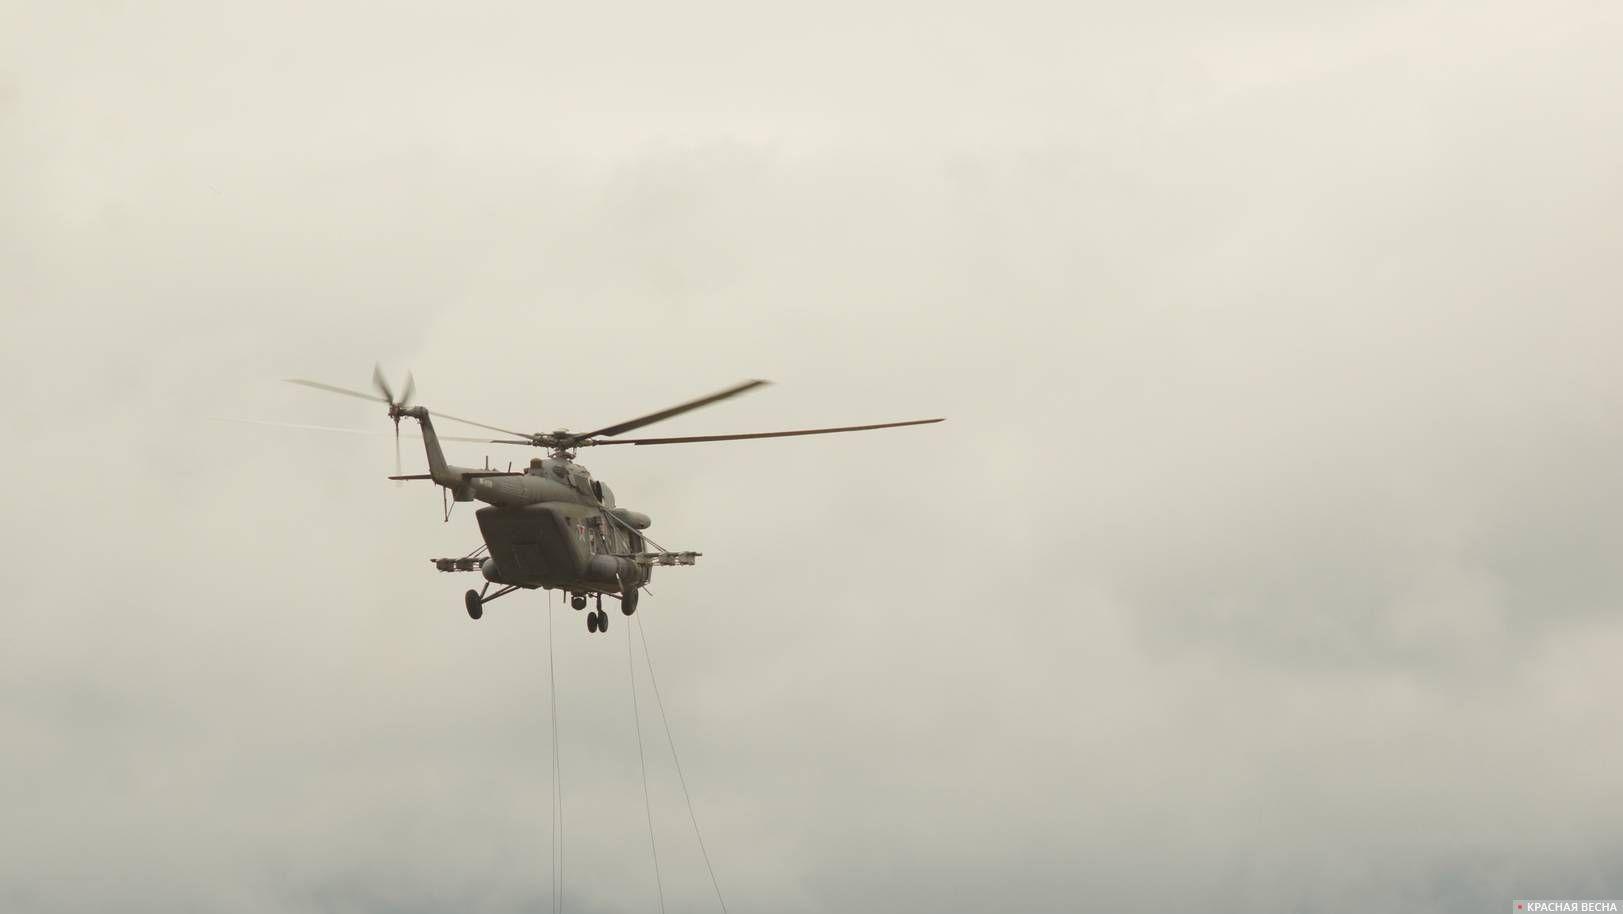 Транспортно-штурмовой вертолет Ми-8 АМТШ